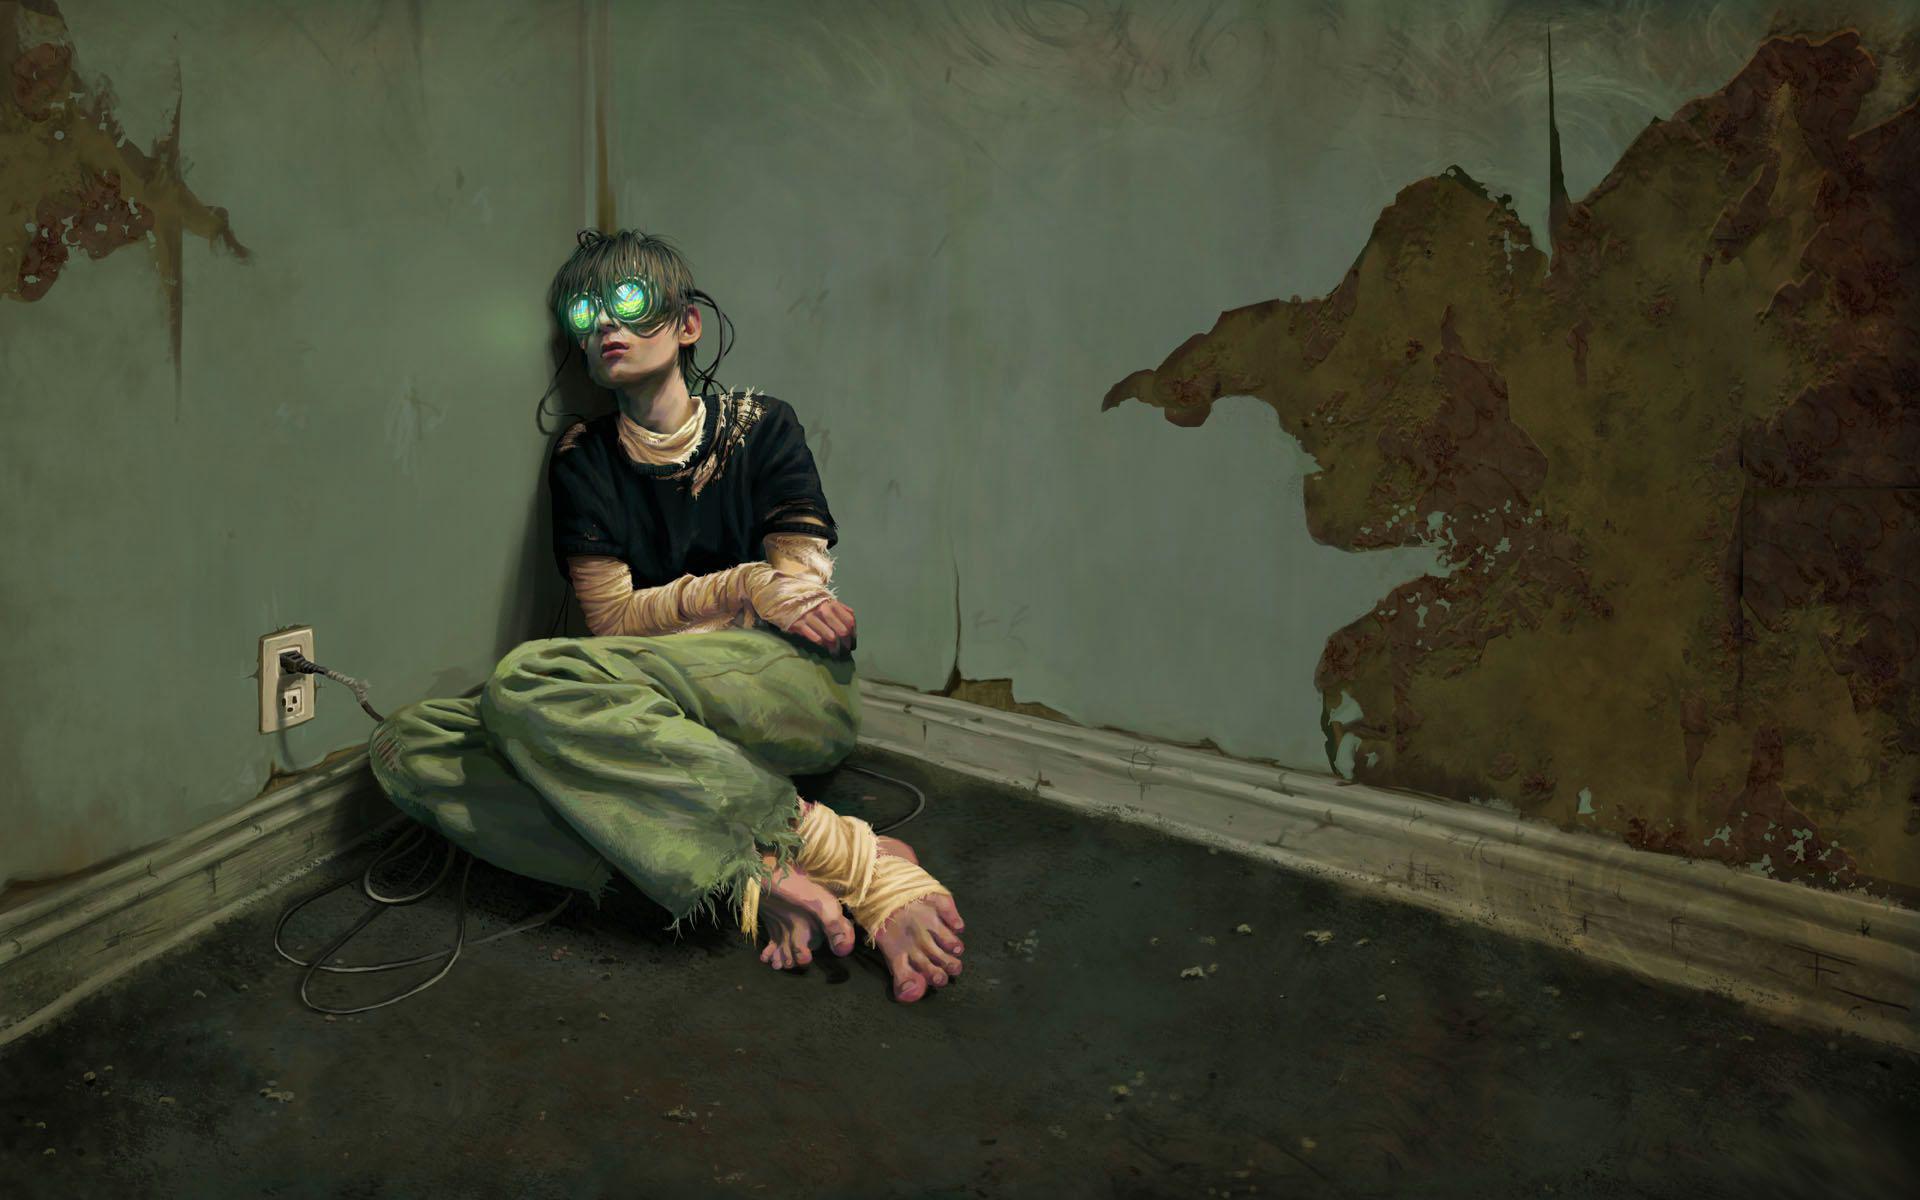 Sony VR запрещена для детей до 12 лет. - Изображение 1